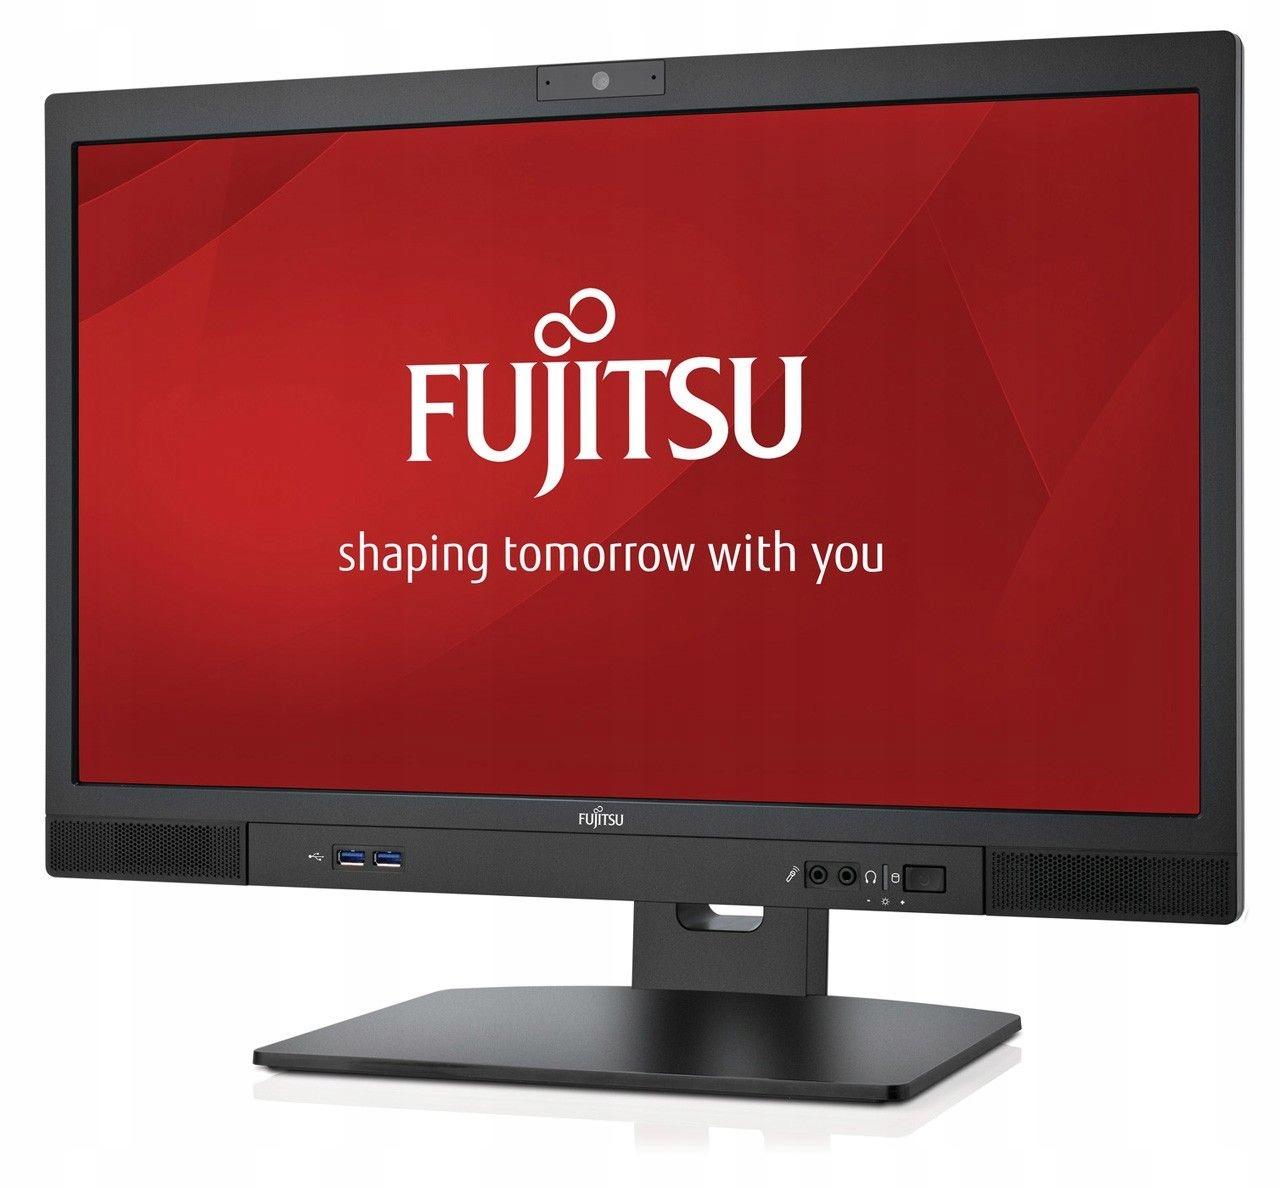 Fujitsu Nowy W Oficjalnym Archiwum Allegro Ofert Lifebook E448 Ci3 7130u 4gb 256gb Ssd 14 W10